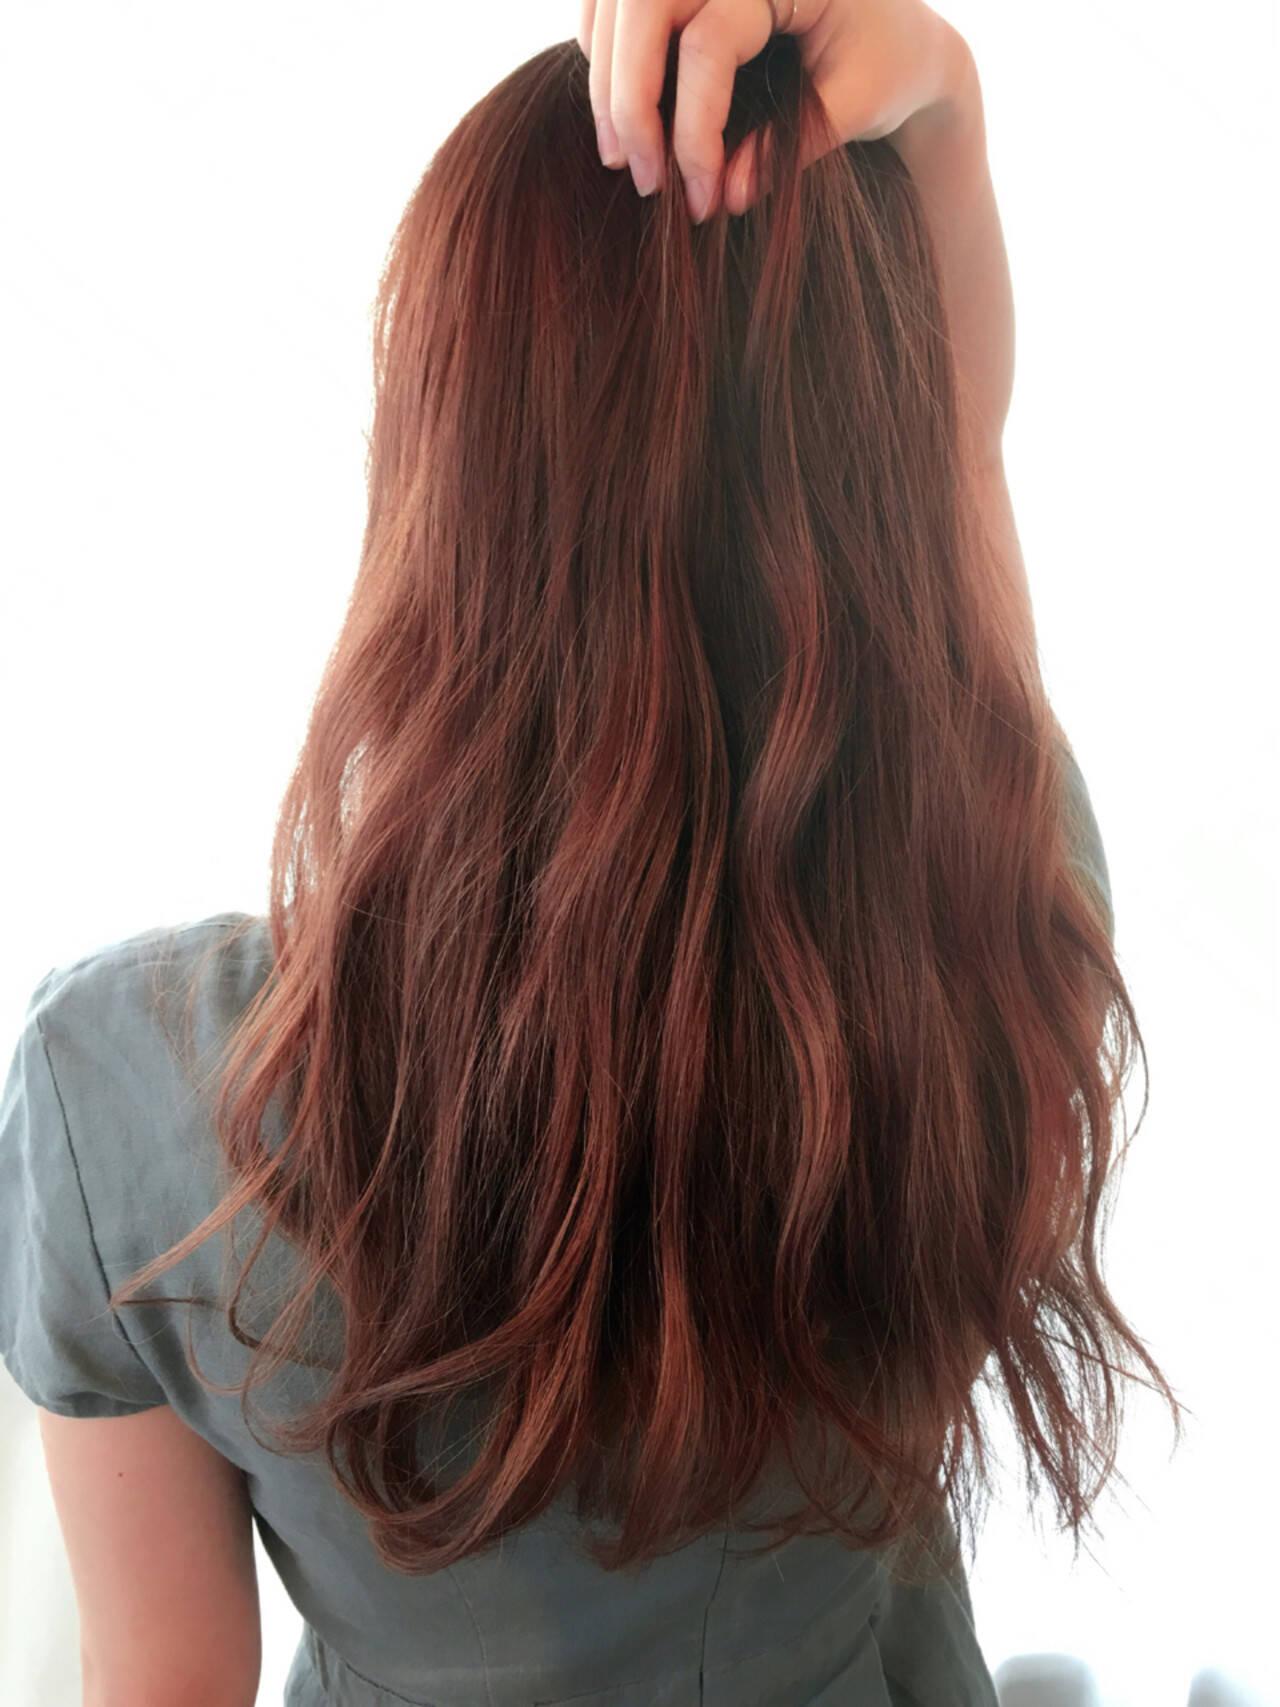 オレンジブラウン ハイライト ゆるふわ ガーリーヘアスタイルや髪型の写真・画像